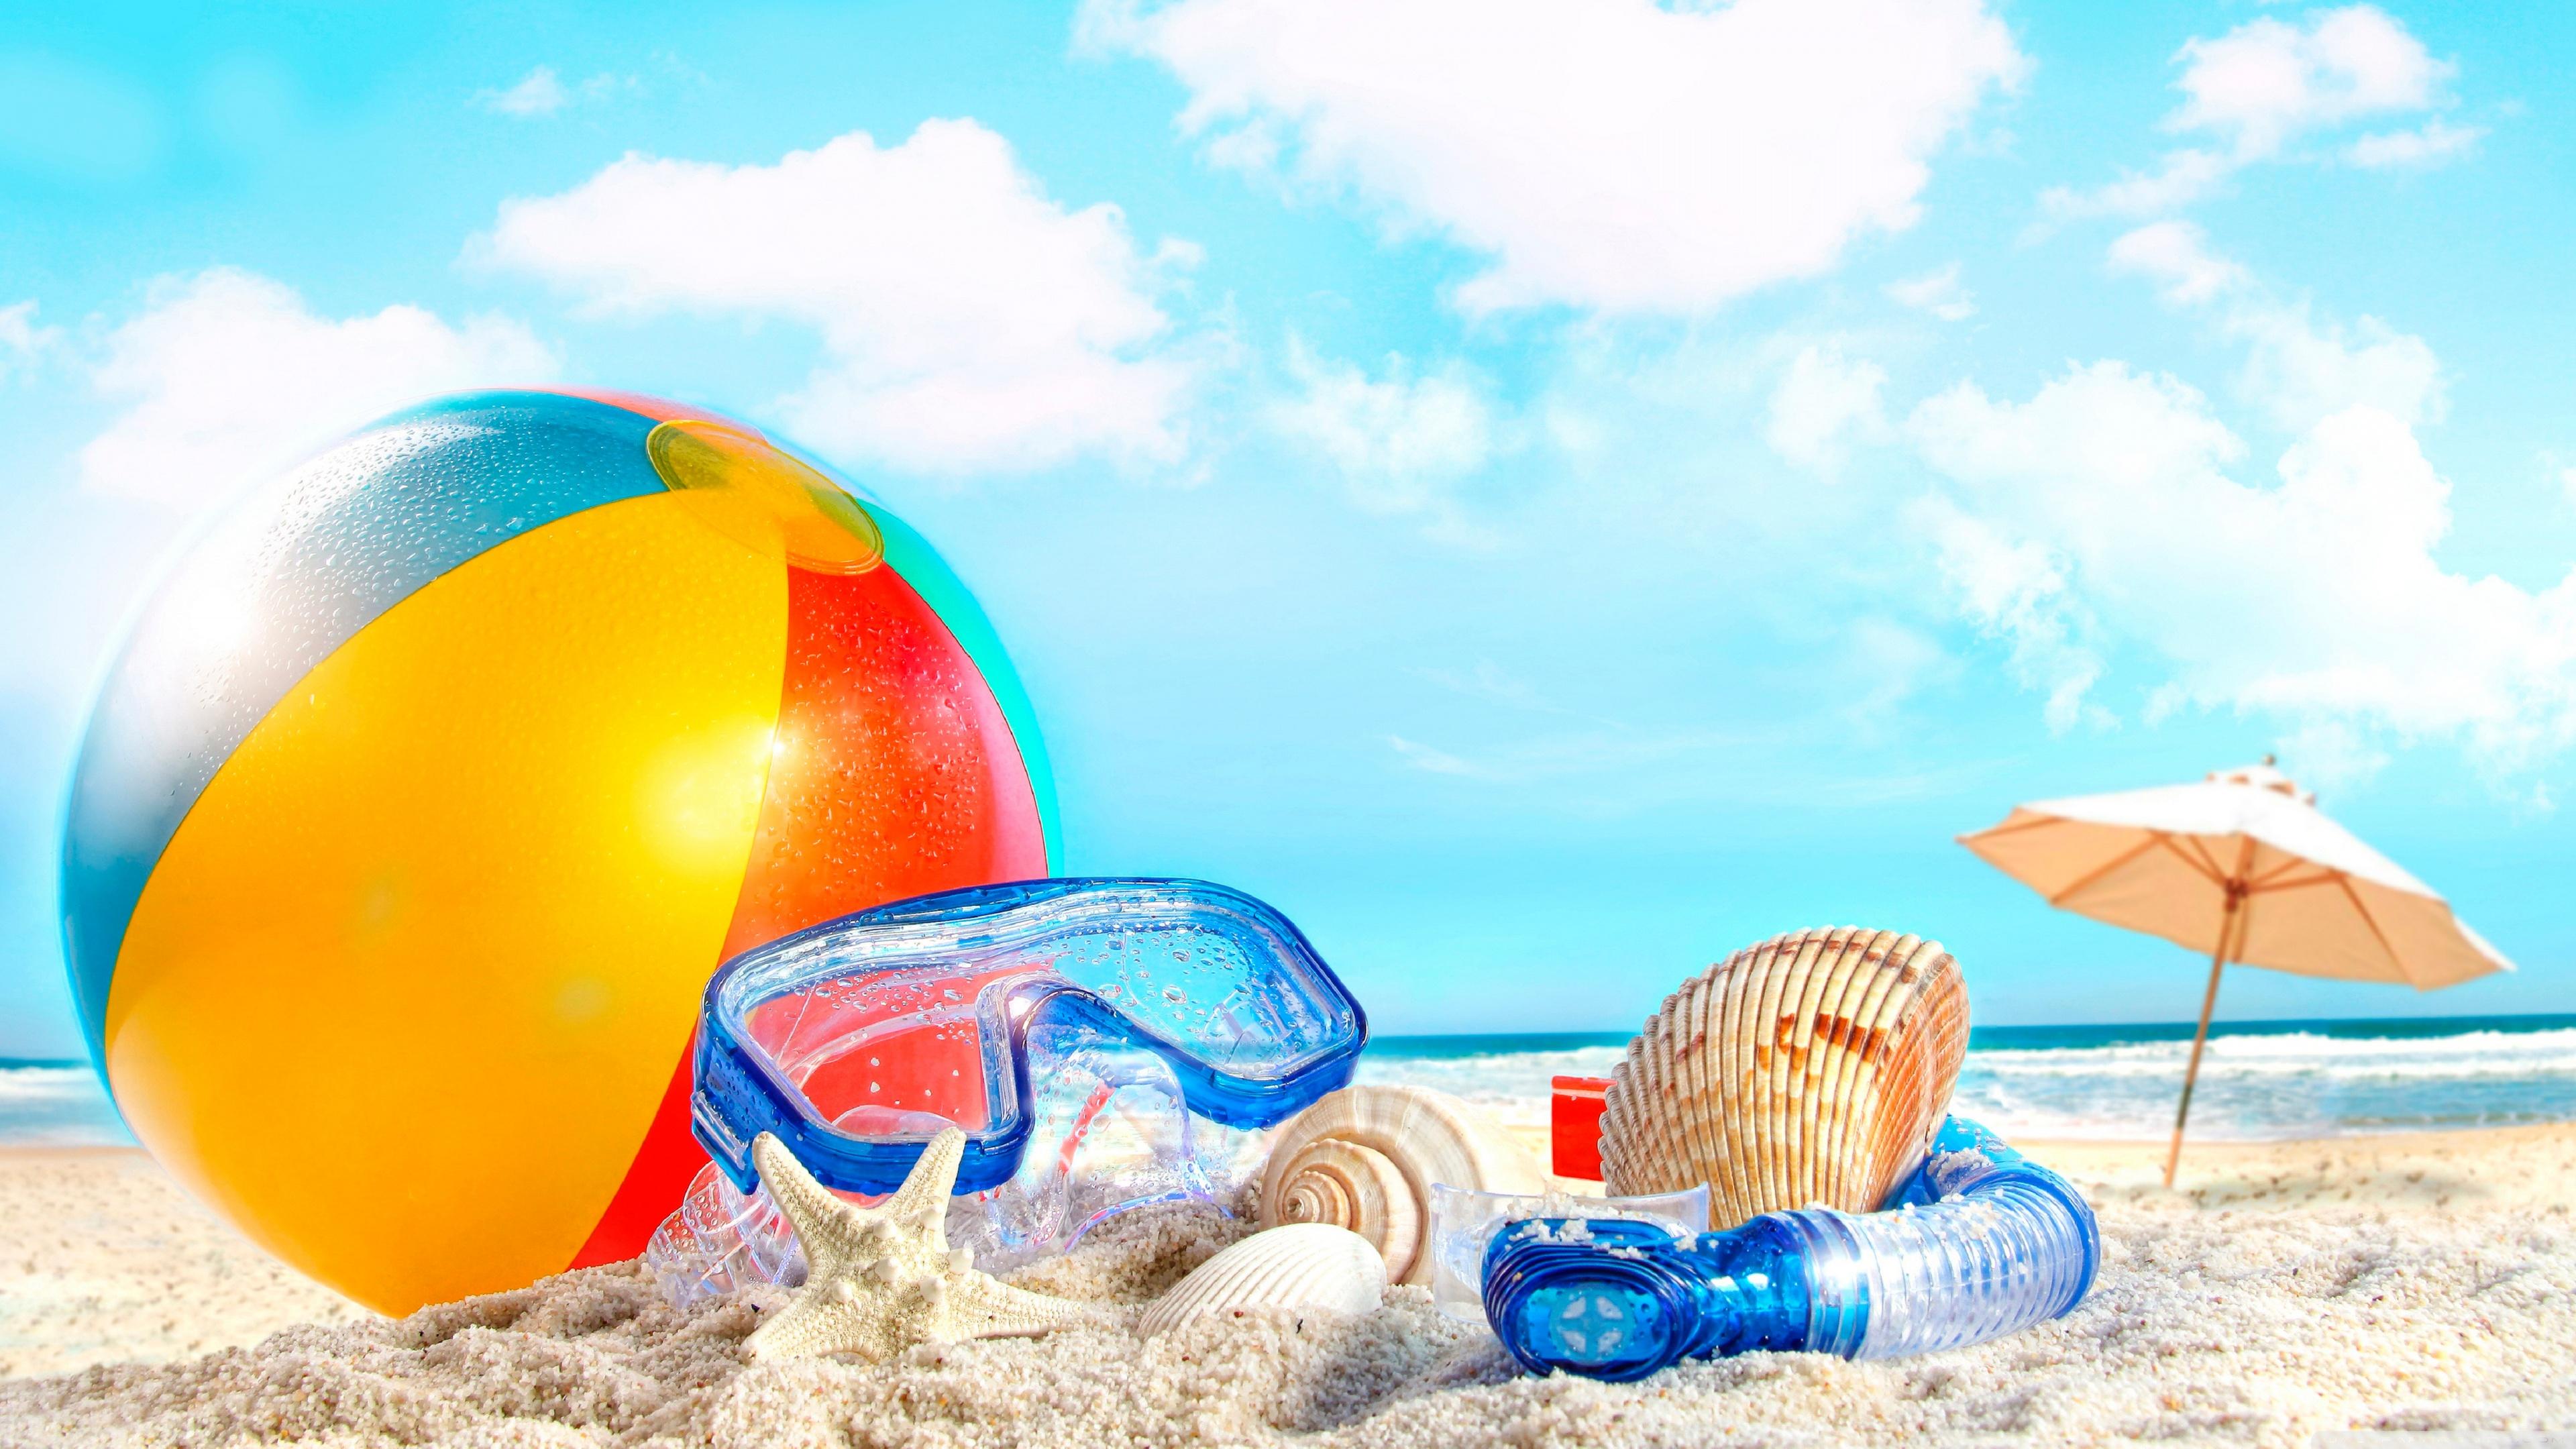 Summer Holiday Hd Desktop Wallpaper High Definition - Summer Backgrounds Free - HD Wallpaper